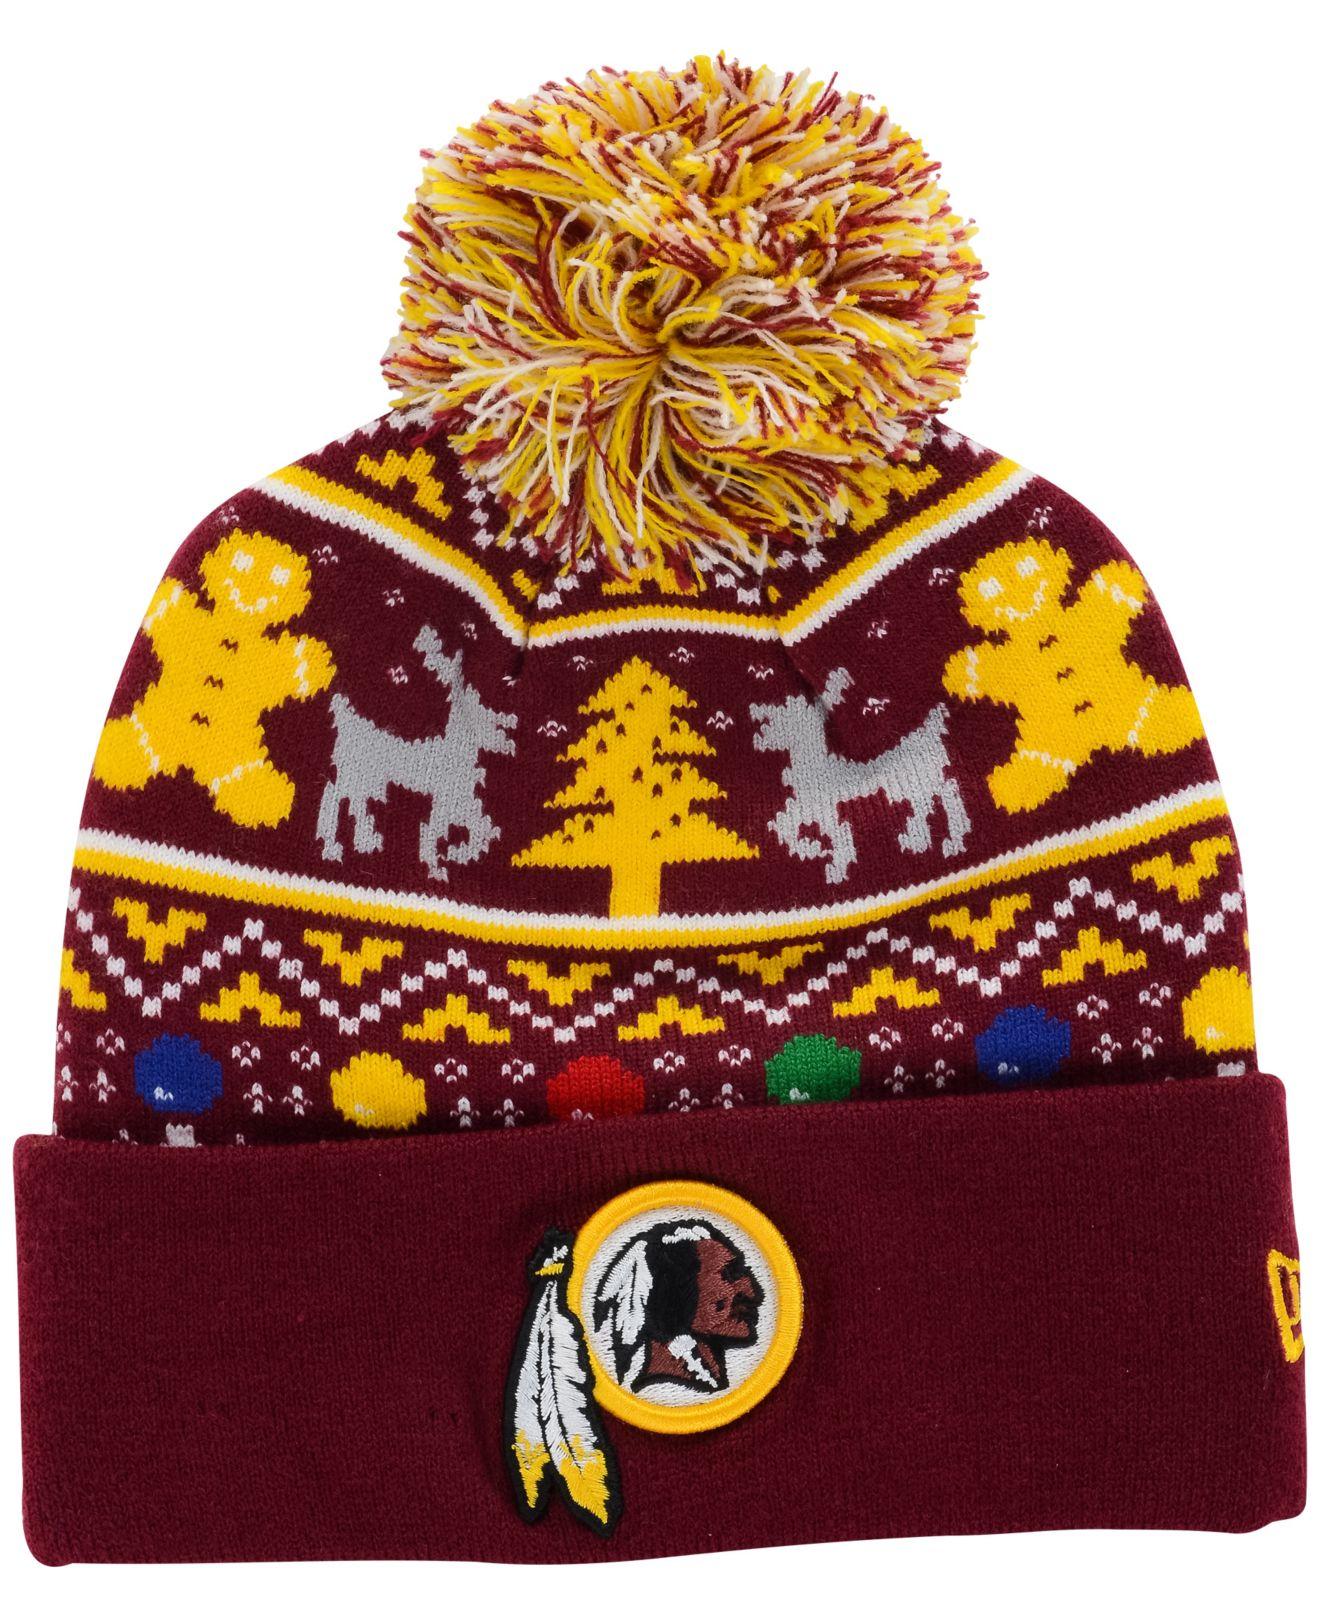 Ktz Washington Redskins Christmas Sweater Pom Knit Hat in Purple ...